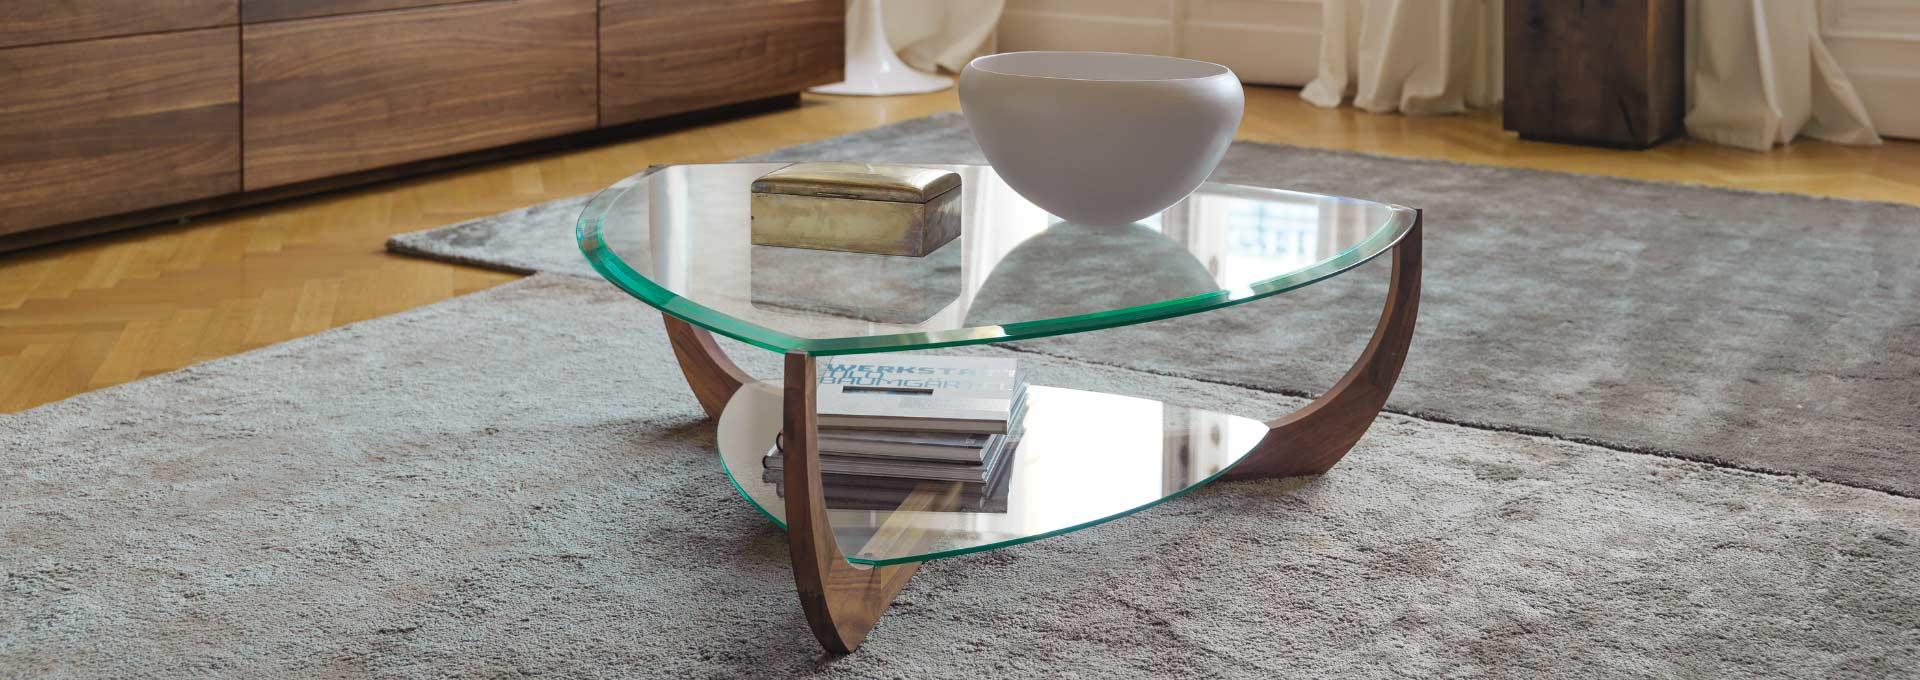 Table De Salon Grand Choix De Dimensions Et De Matieres